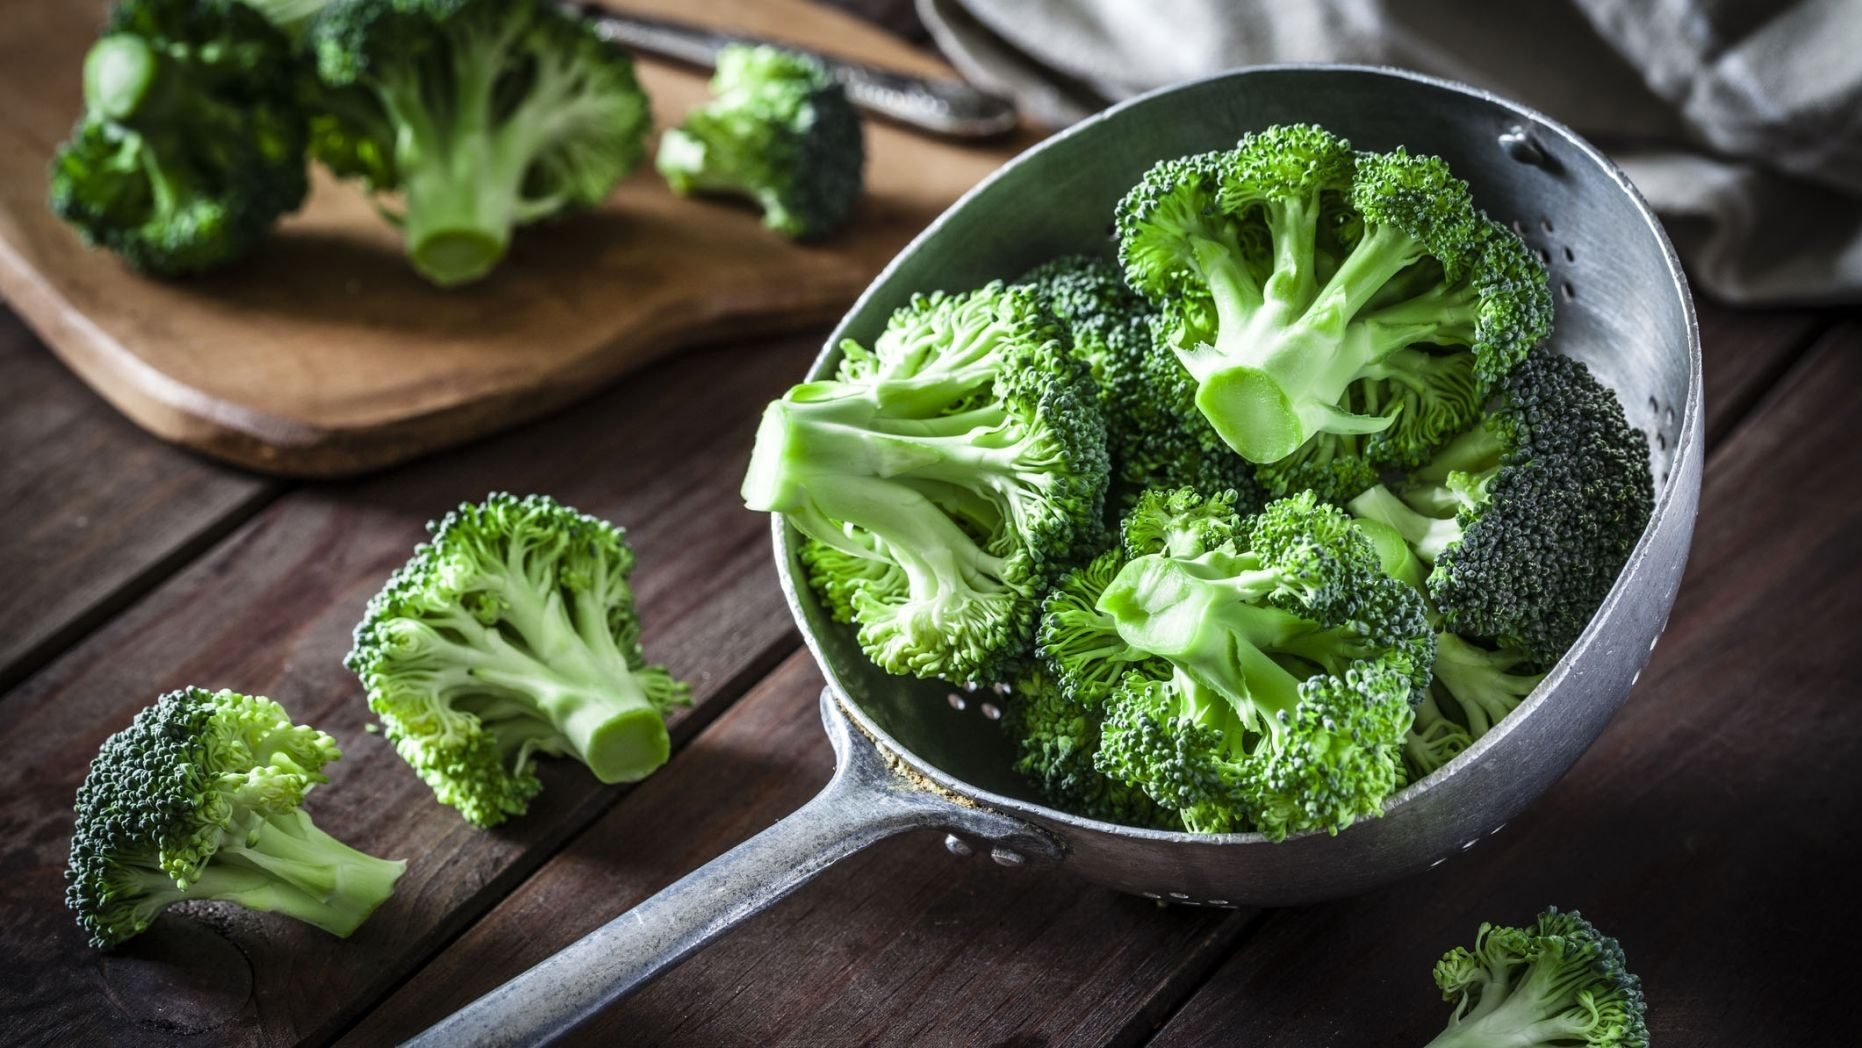 Bông cải xanh chứa hàm lượng vitamin C dồi dào